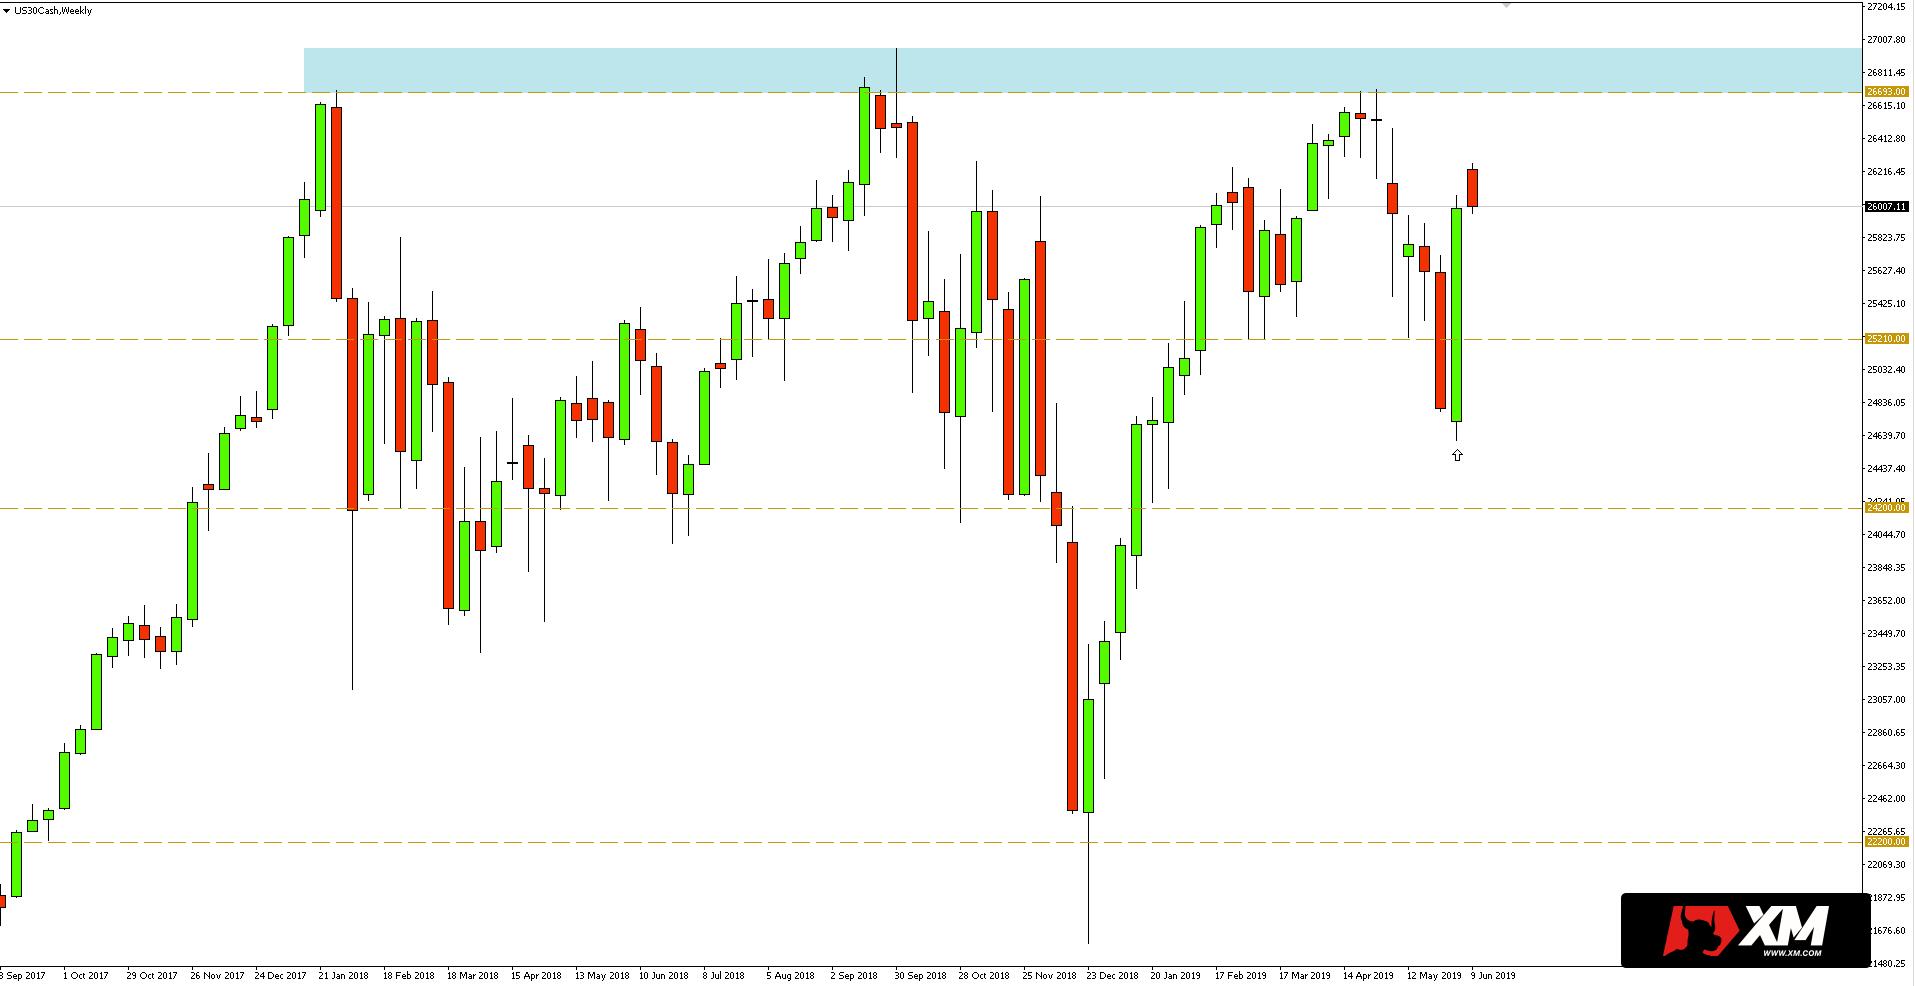 Notowania Dow Jones Industrial Average (DJIA) - wykres tygodniowy - 12 czerwca 2019